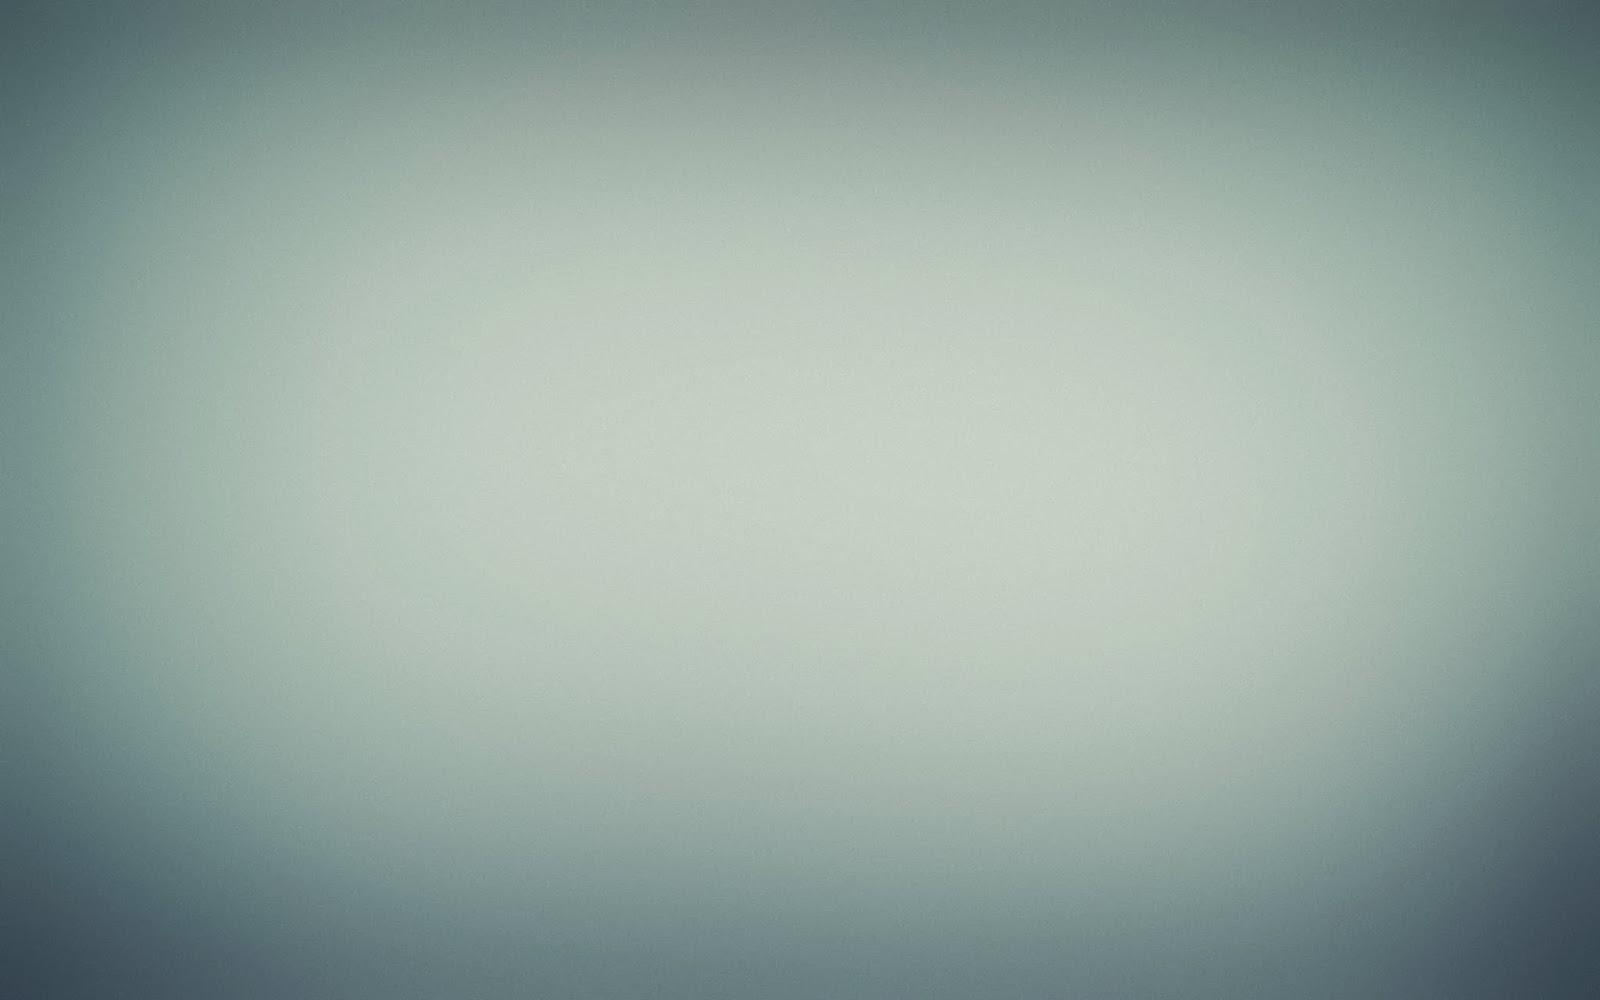 Fondo de pantalla abstracto blanco y bordes negros for Fondo blanco wallpaper